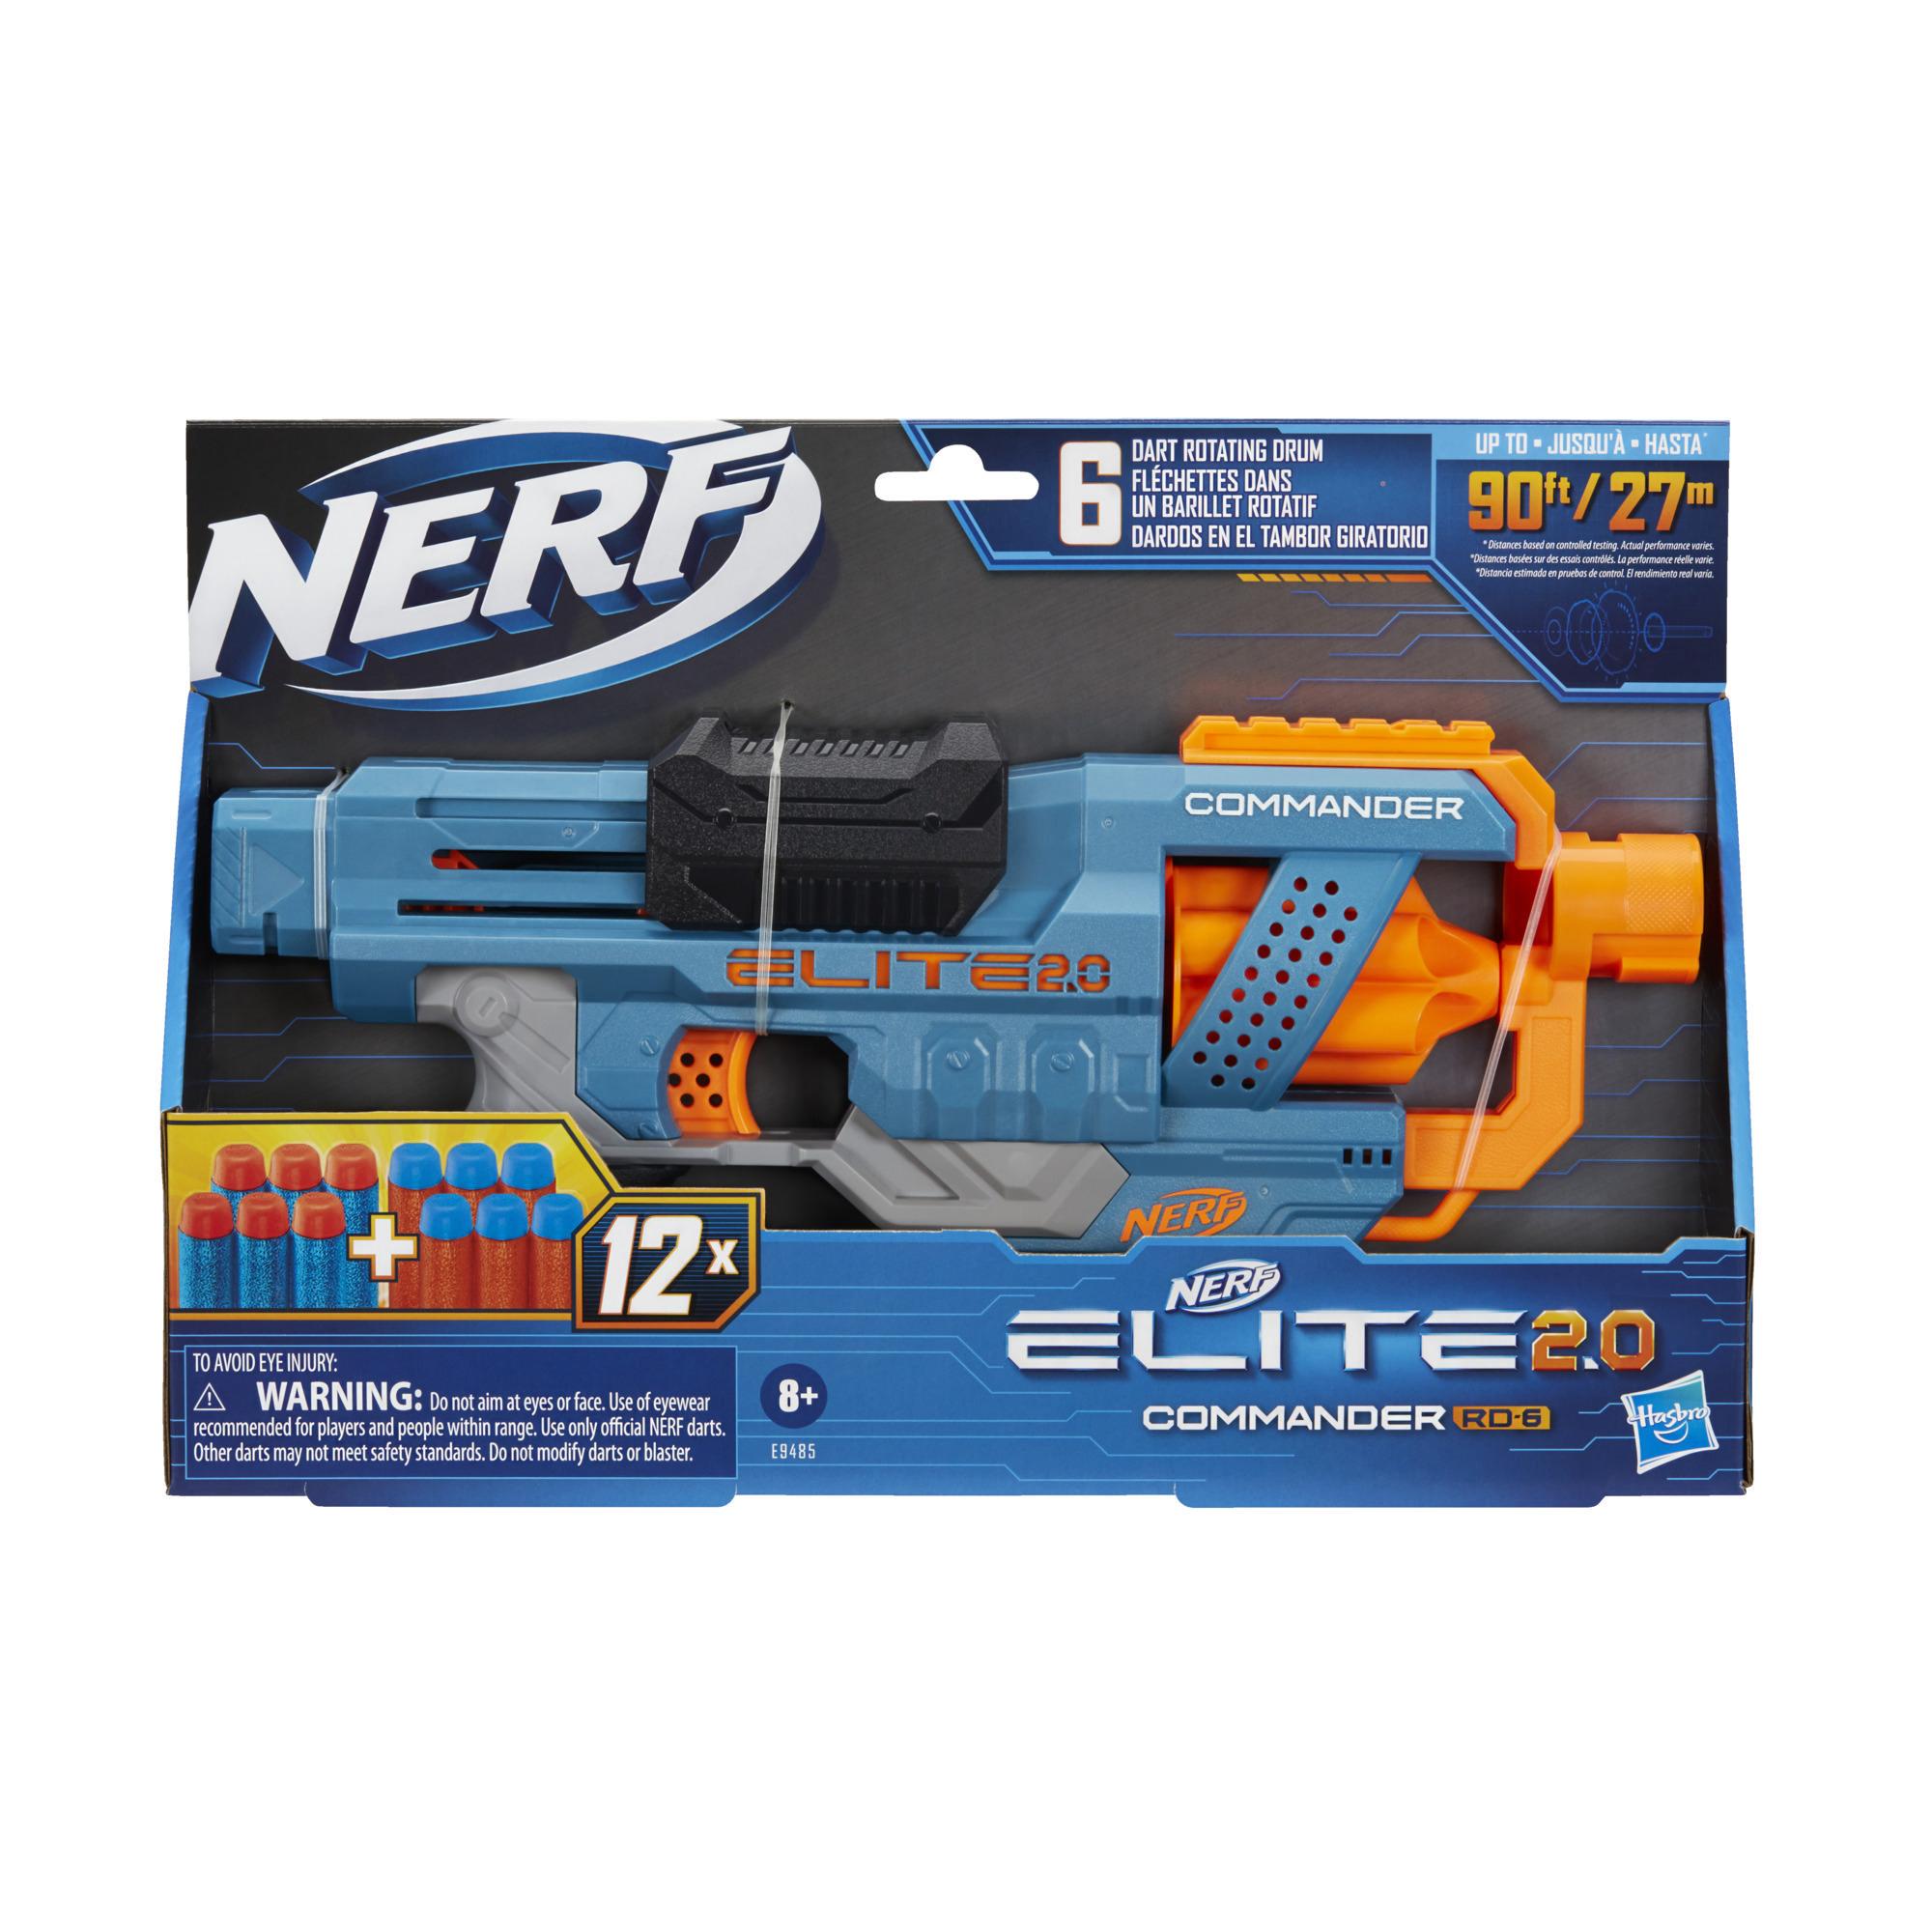 NERF ELITE 2.0 COMMANDER RC-6